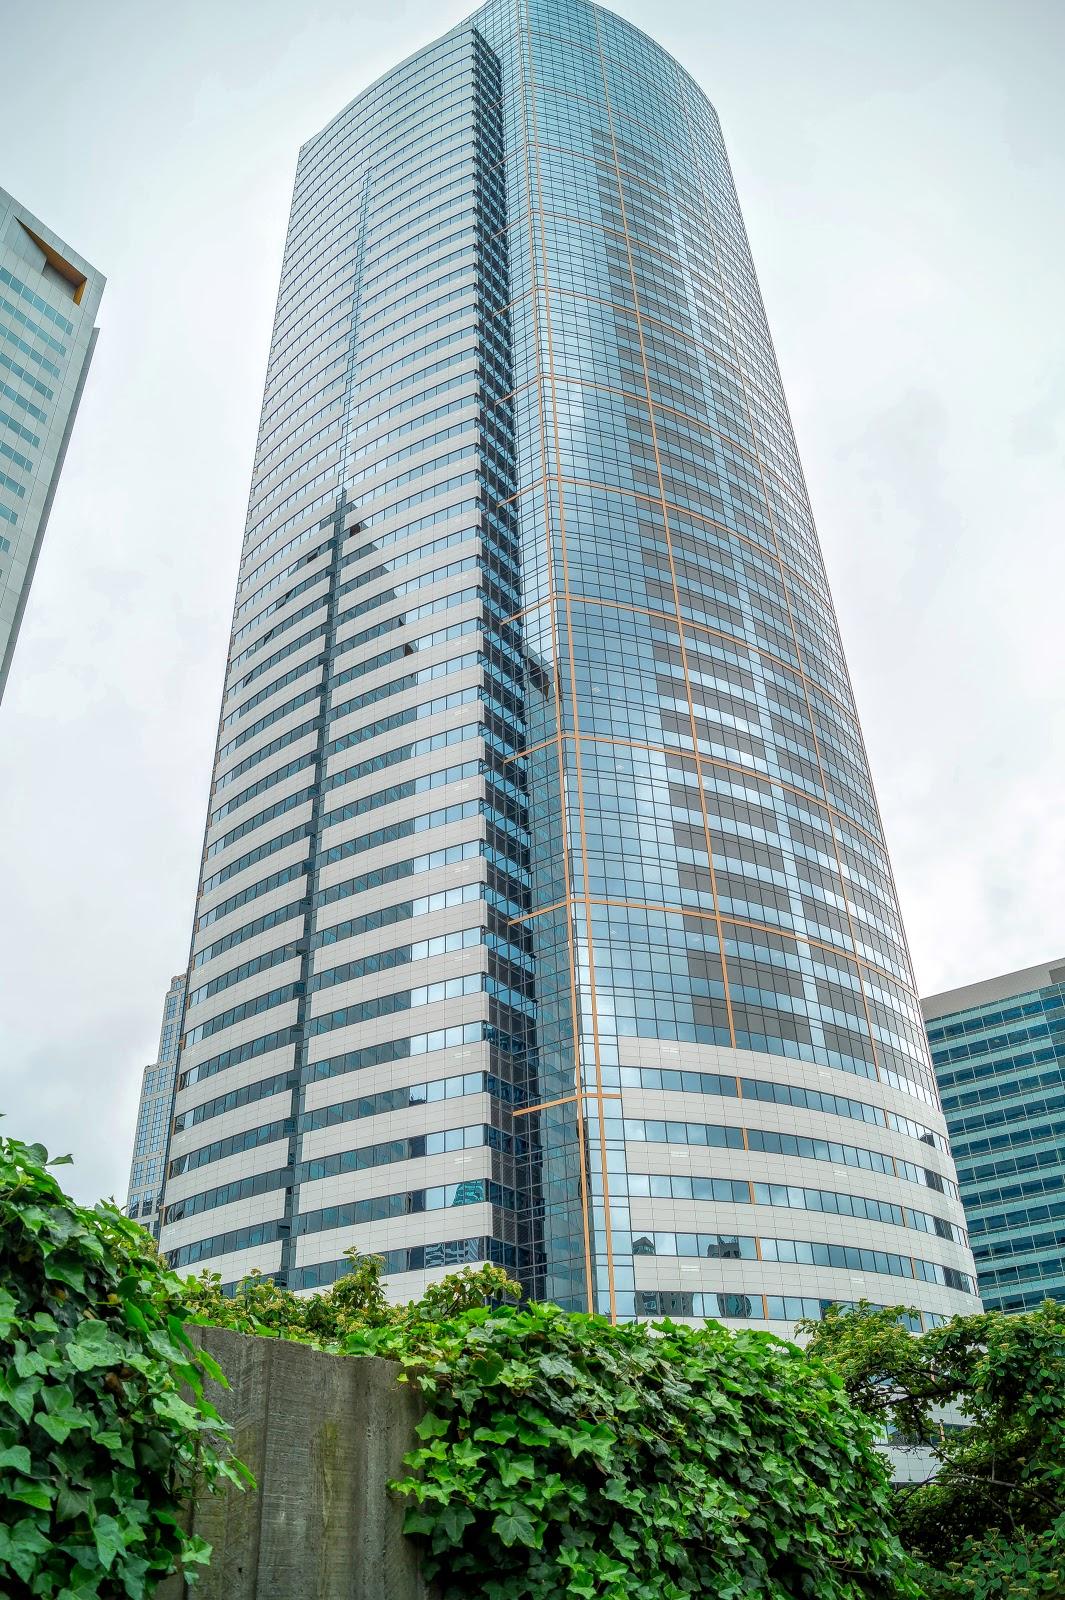 Из парка можно любоваться современными небоскрёбами.